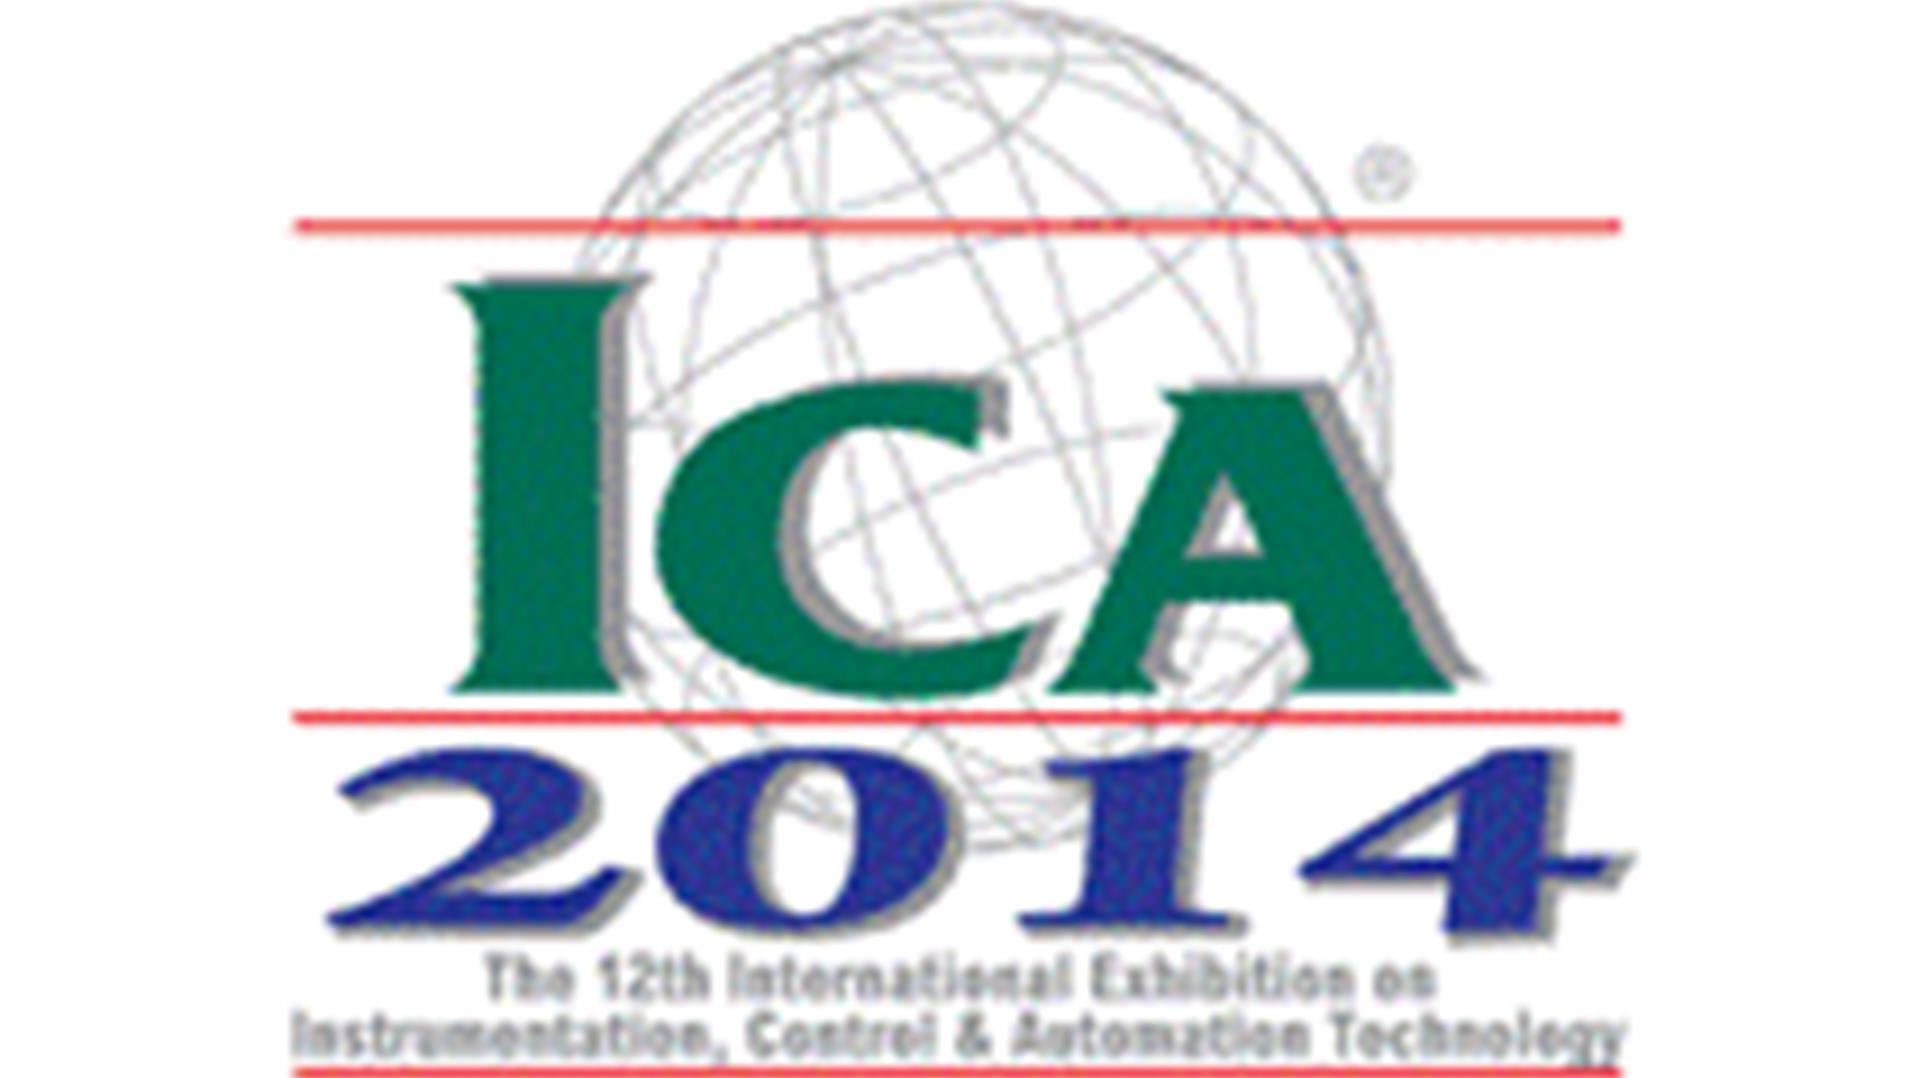 ICA 2014 Kuala Lumpur, Malaysia